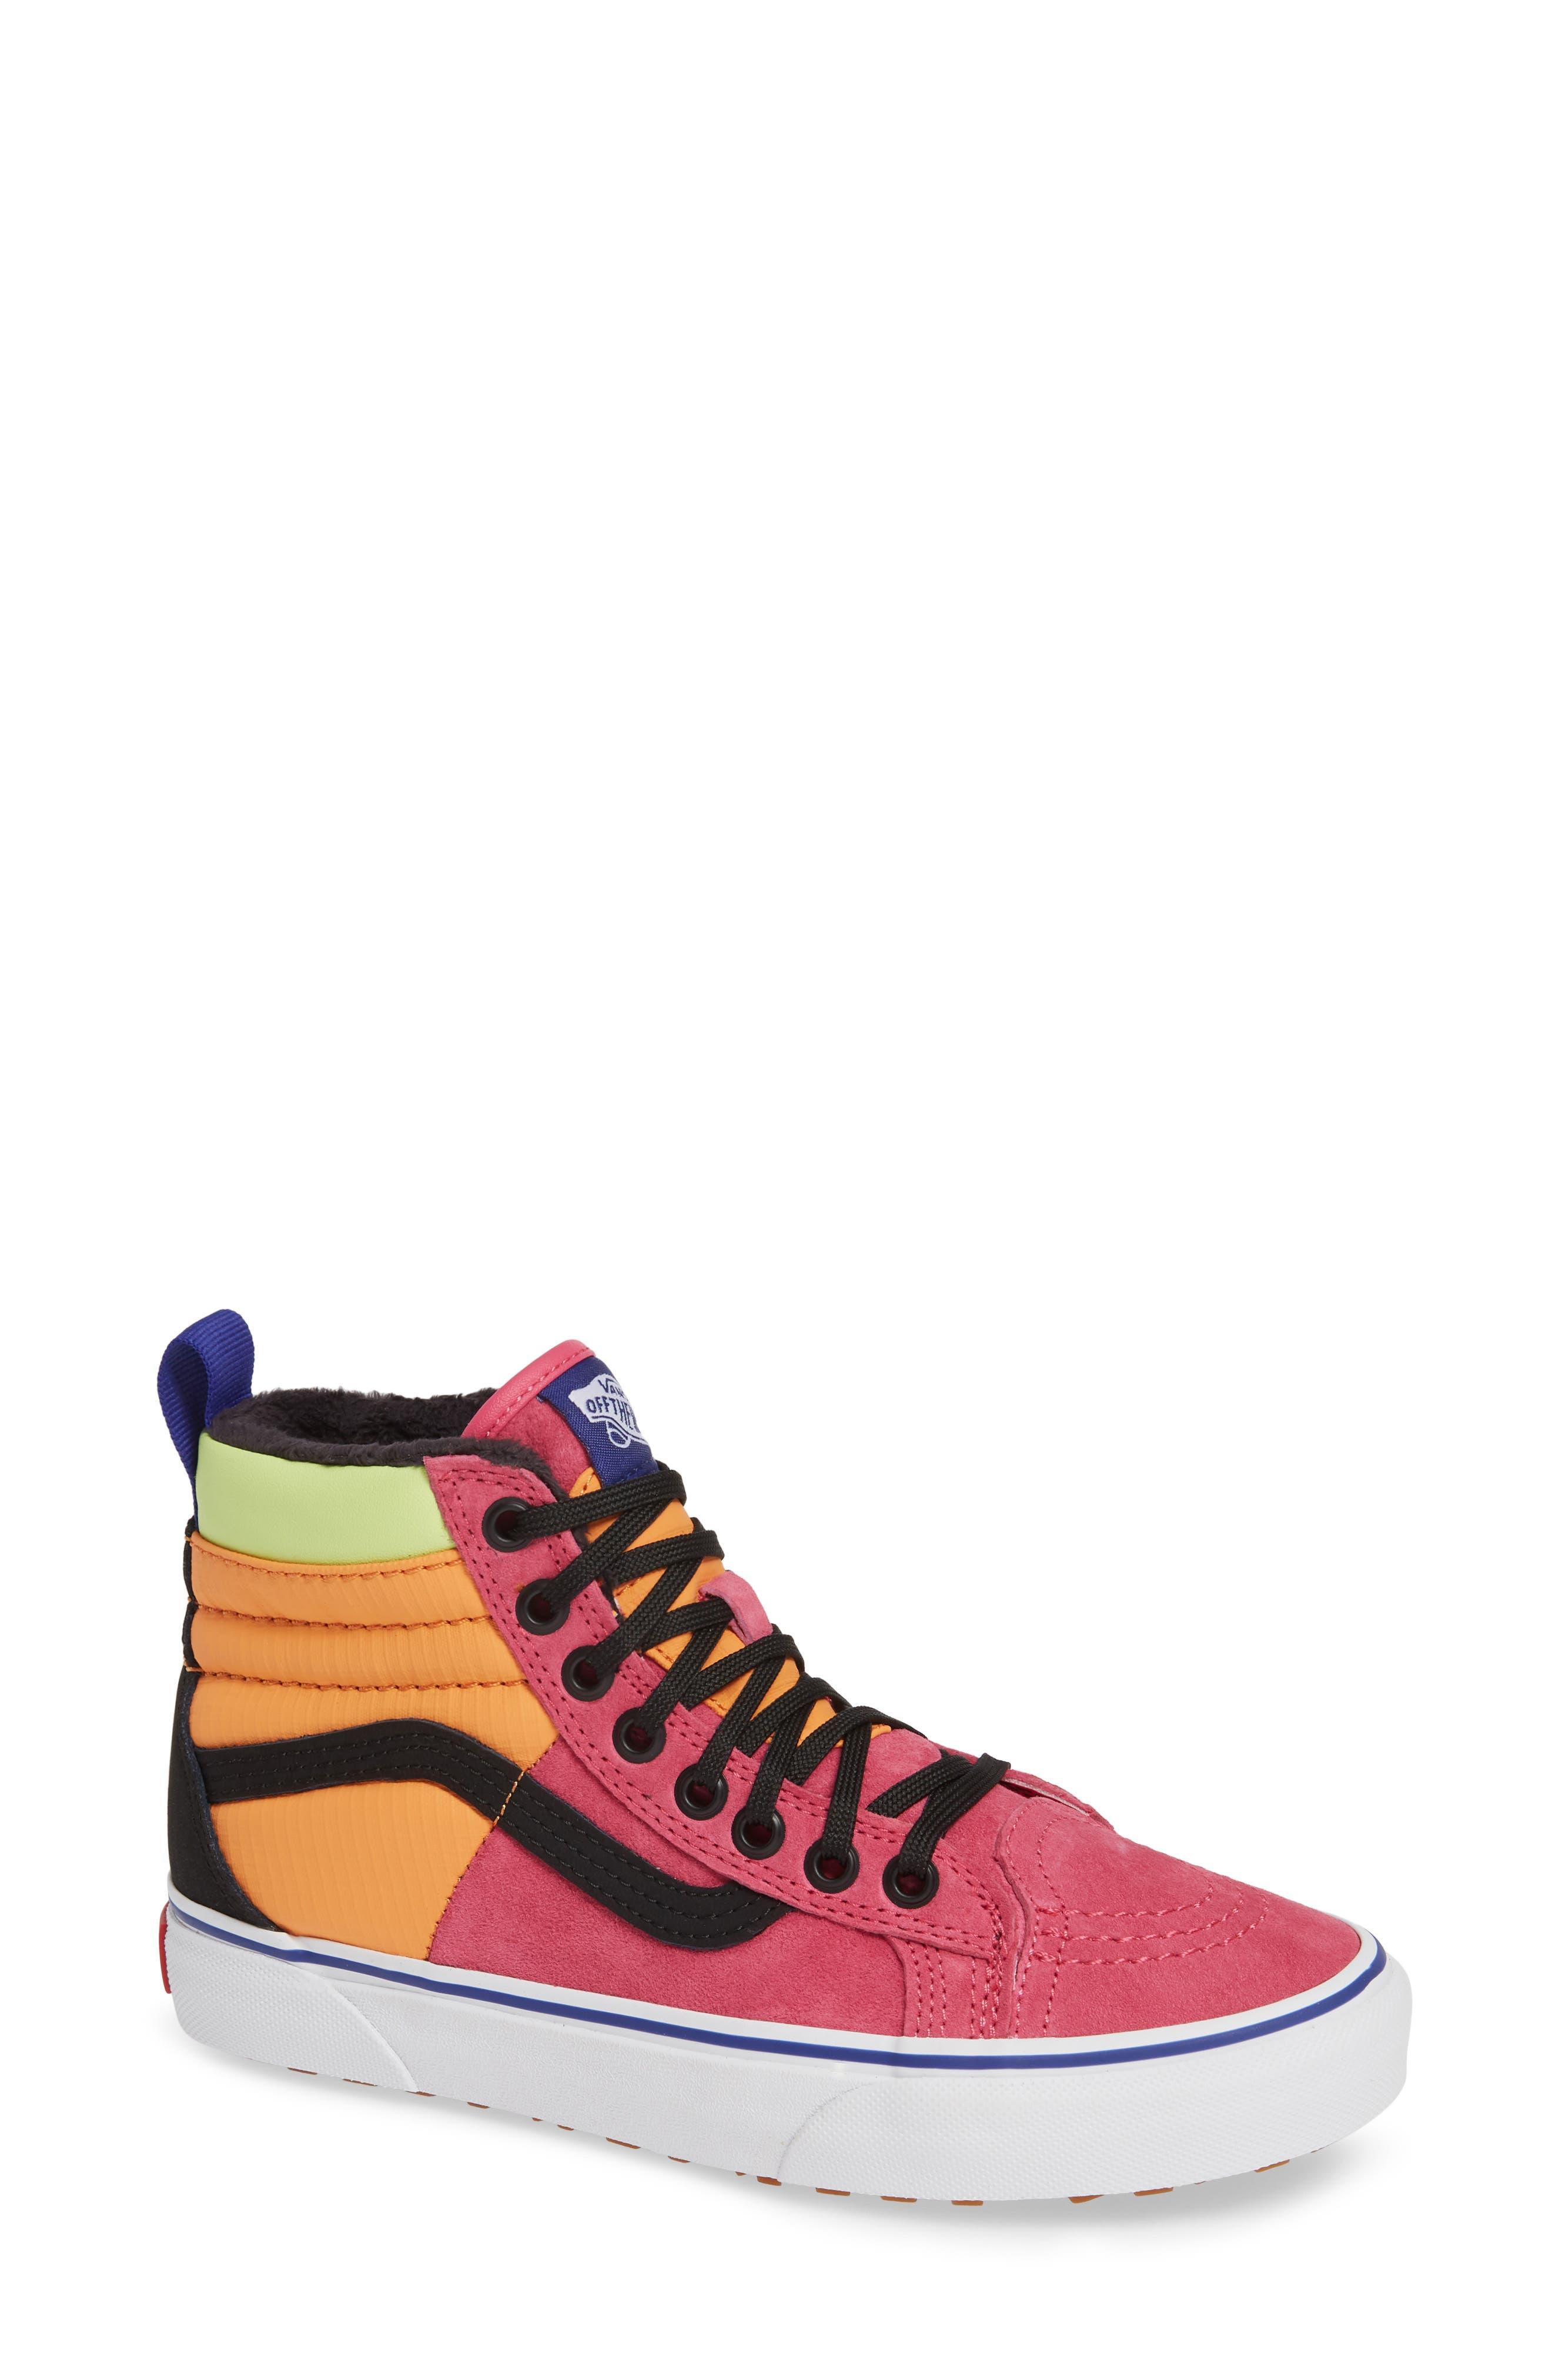 Sk8-Hi 46 Mte Dx Sneaker in Pink Yarrow/ Tangerine/ Black